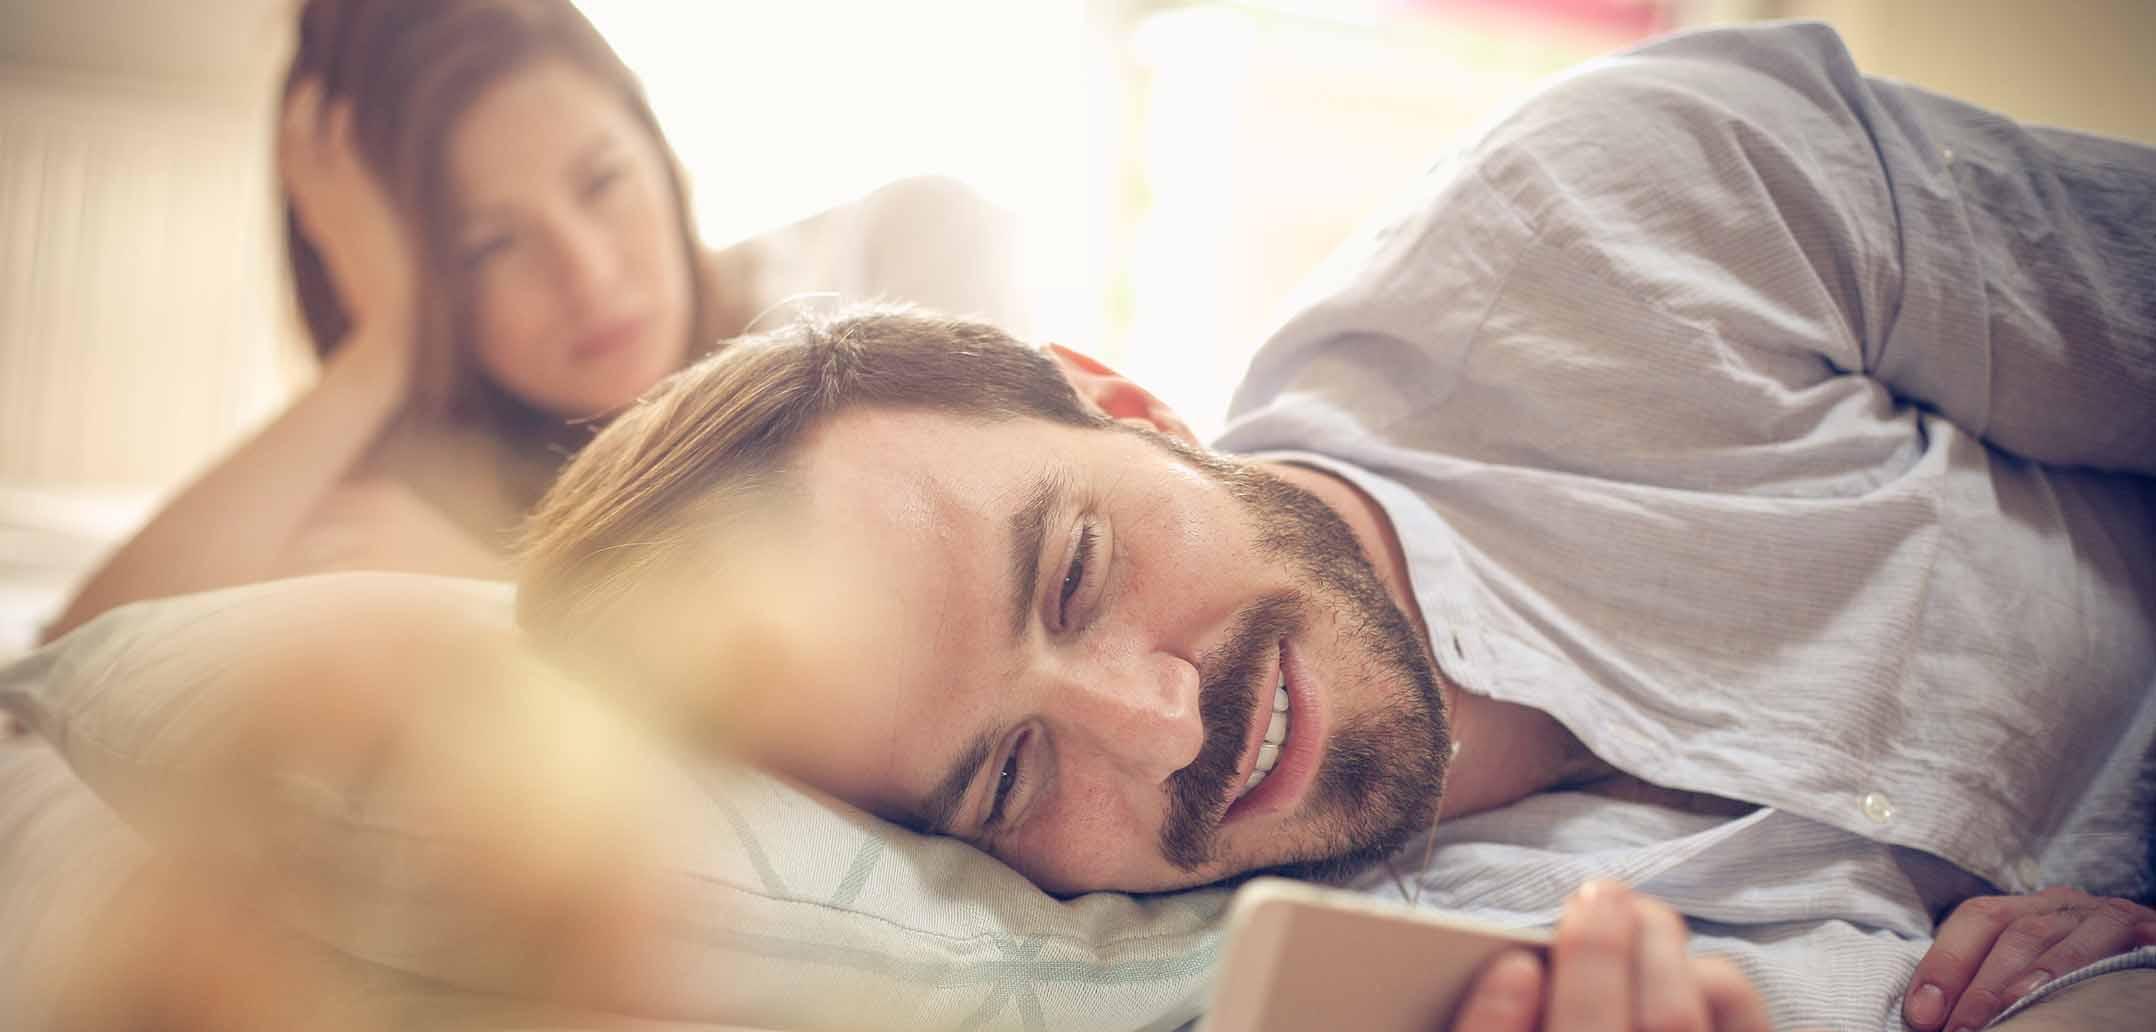 Eifersüchtig auf seine Ex? 6 Tipps gegen das gemeine Gefühl